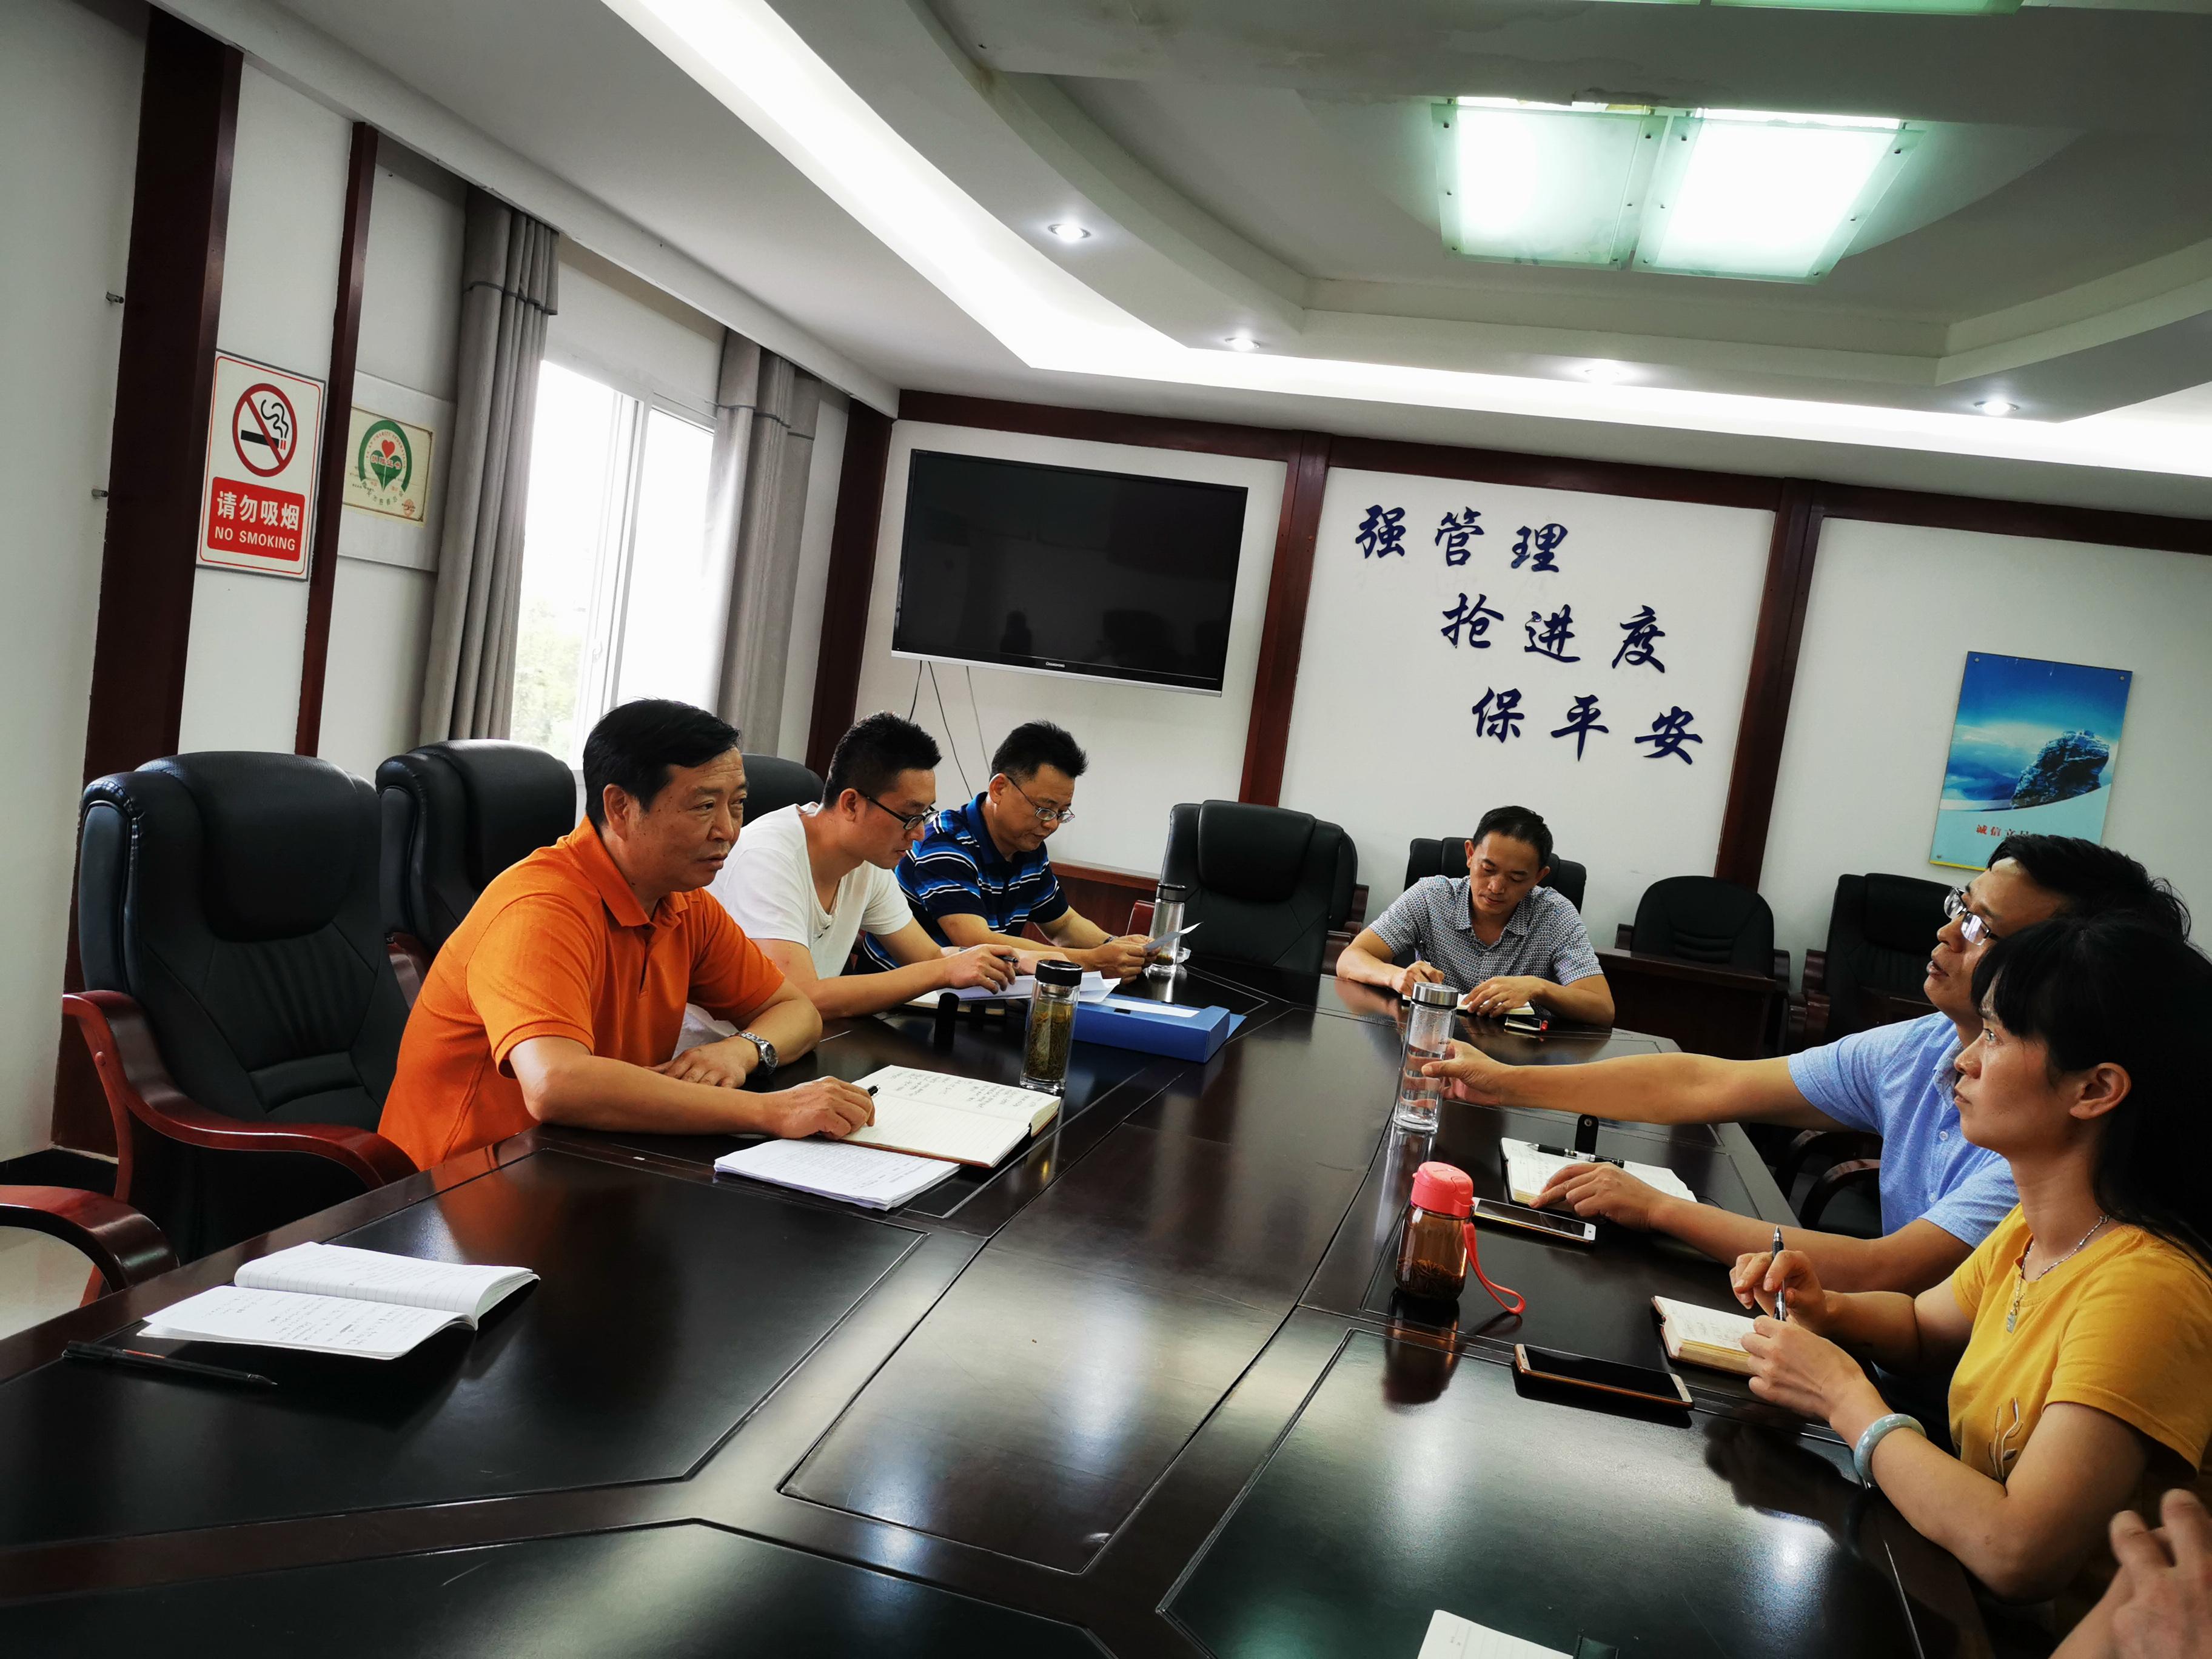 市水利局副局长张勇检查指导雅安市永定桥水库管理局安全和防汛工作